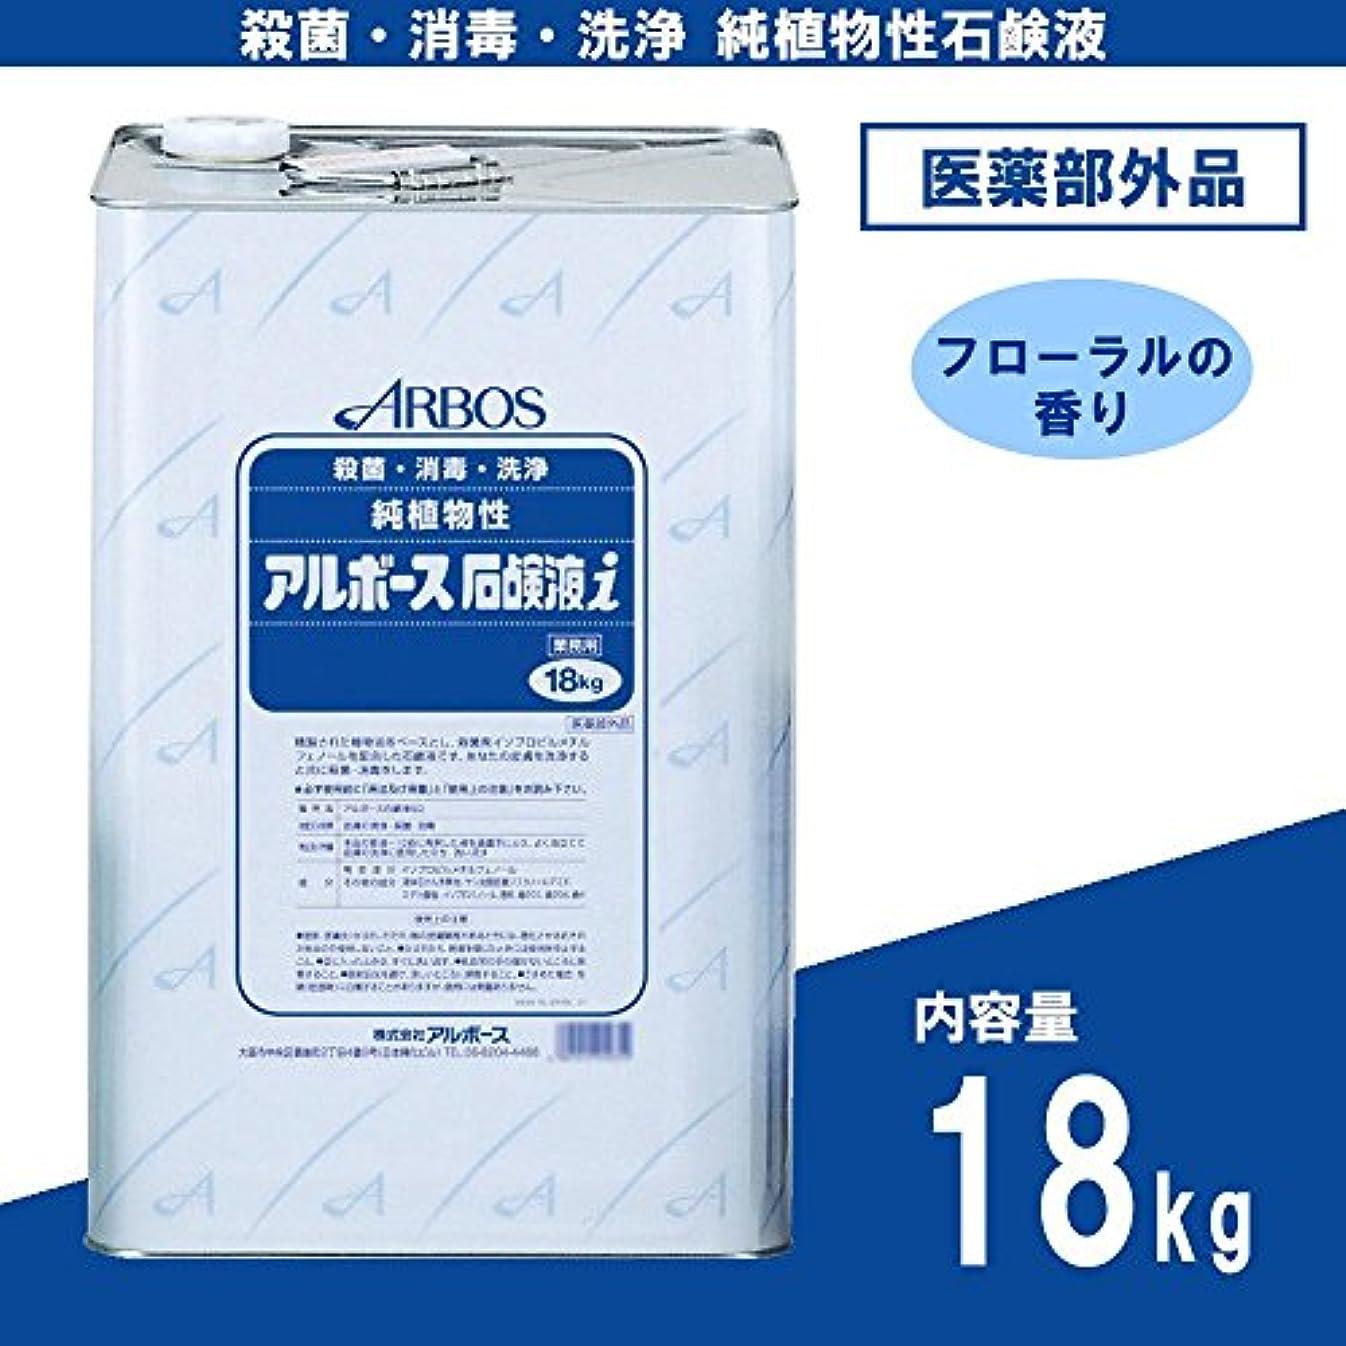 効能スーダンアルボース 業務用純植物性石鹸液 石鹸液i フローラルの香り 18kg 01031 (医薬部外品)